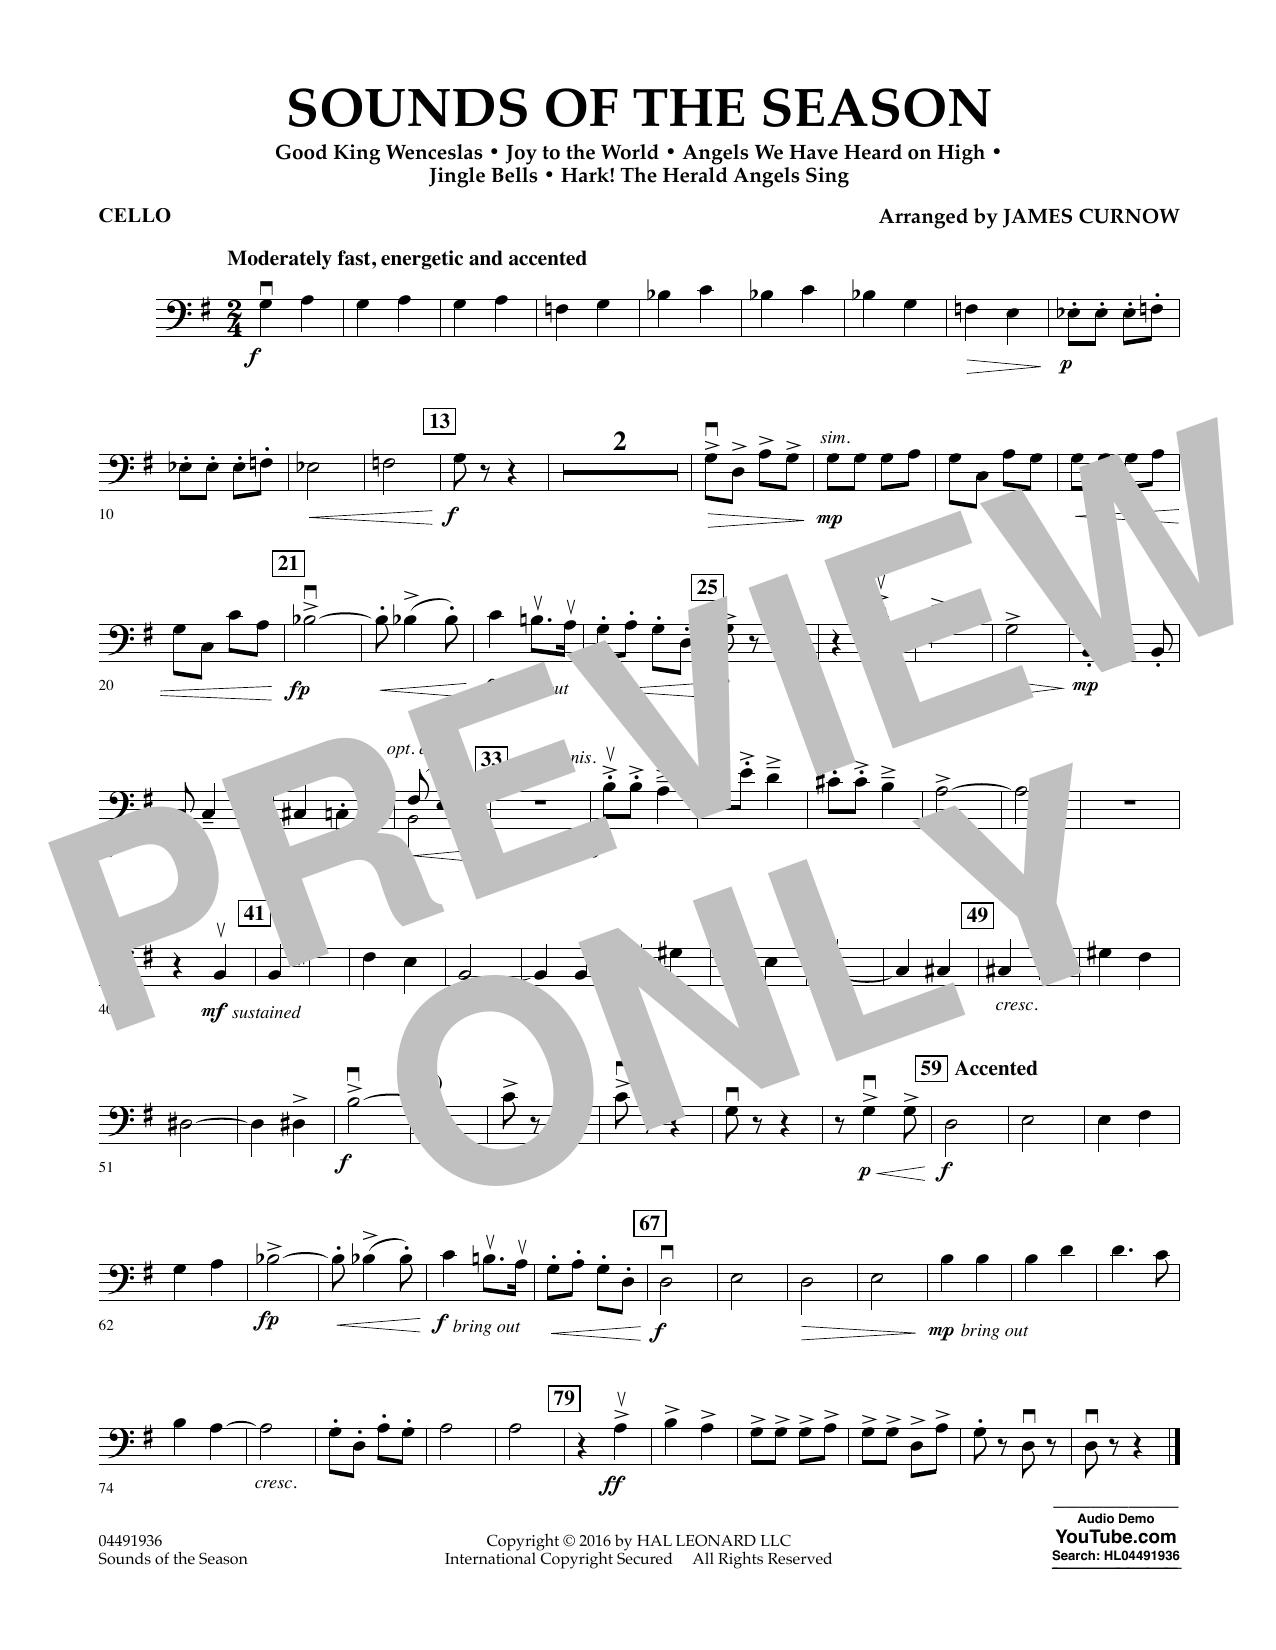 Sounds of the Season - Cello Sheet Music